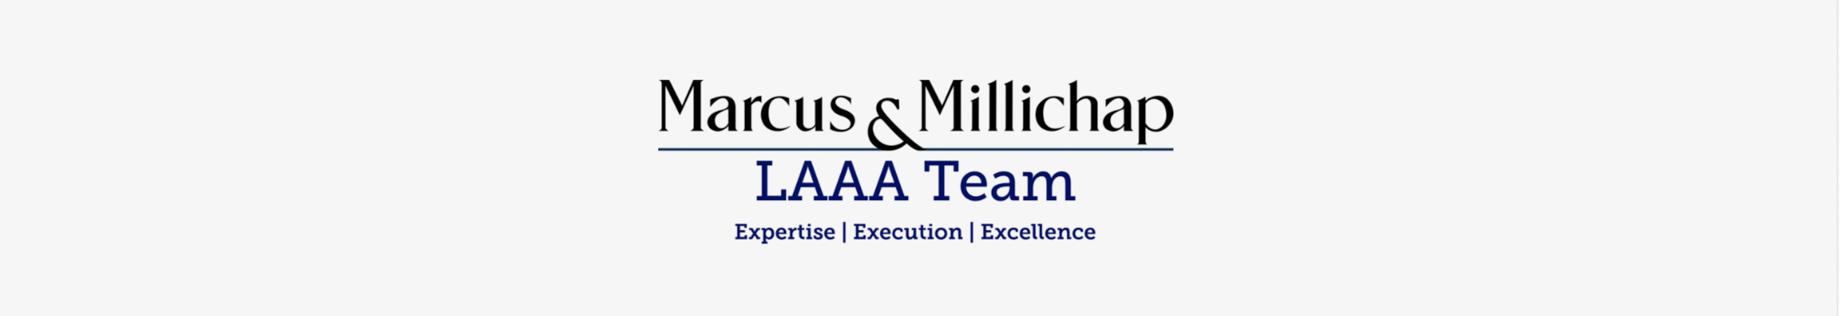 Marcus & Millichap LAAA Team